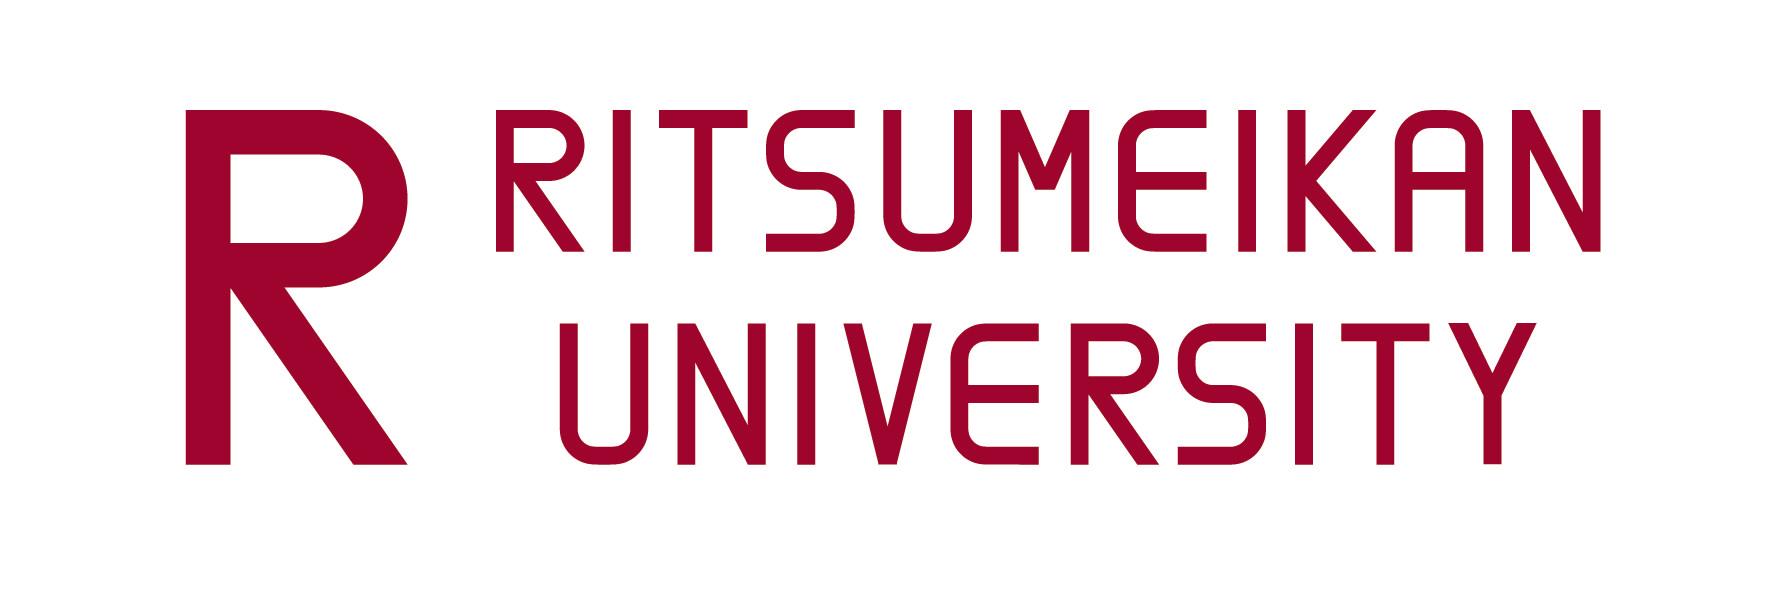 Université de Ritsumeikan